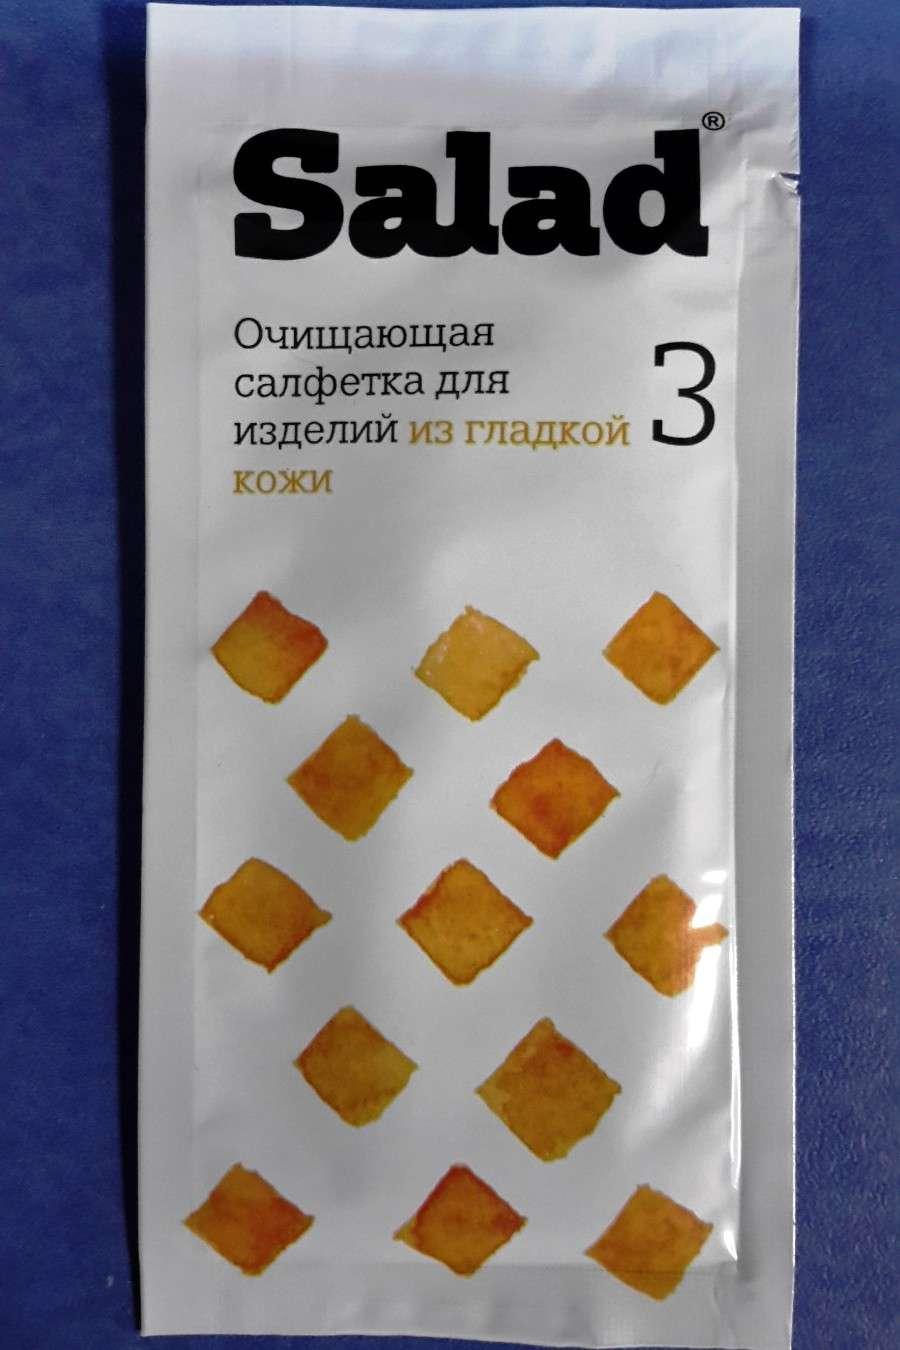 Очищающая салфетка для изделий из гладкой кожи